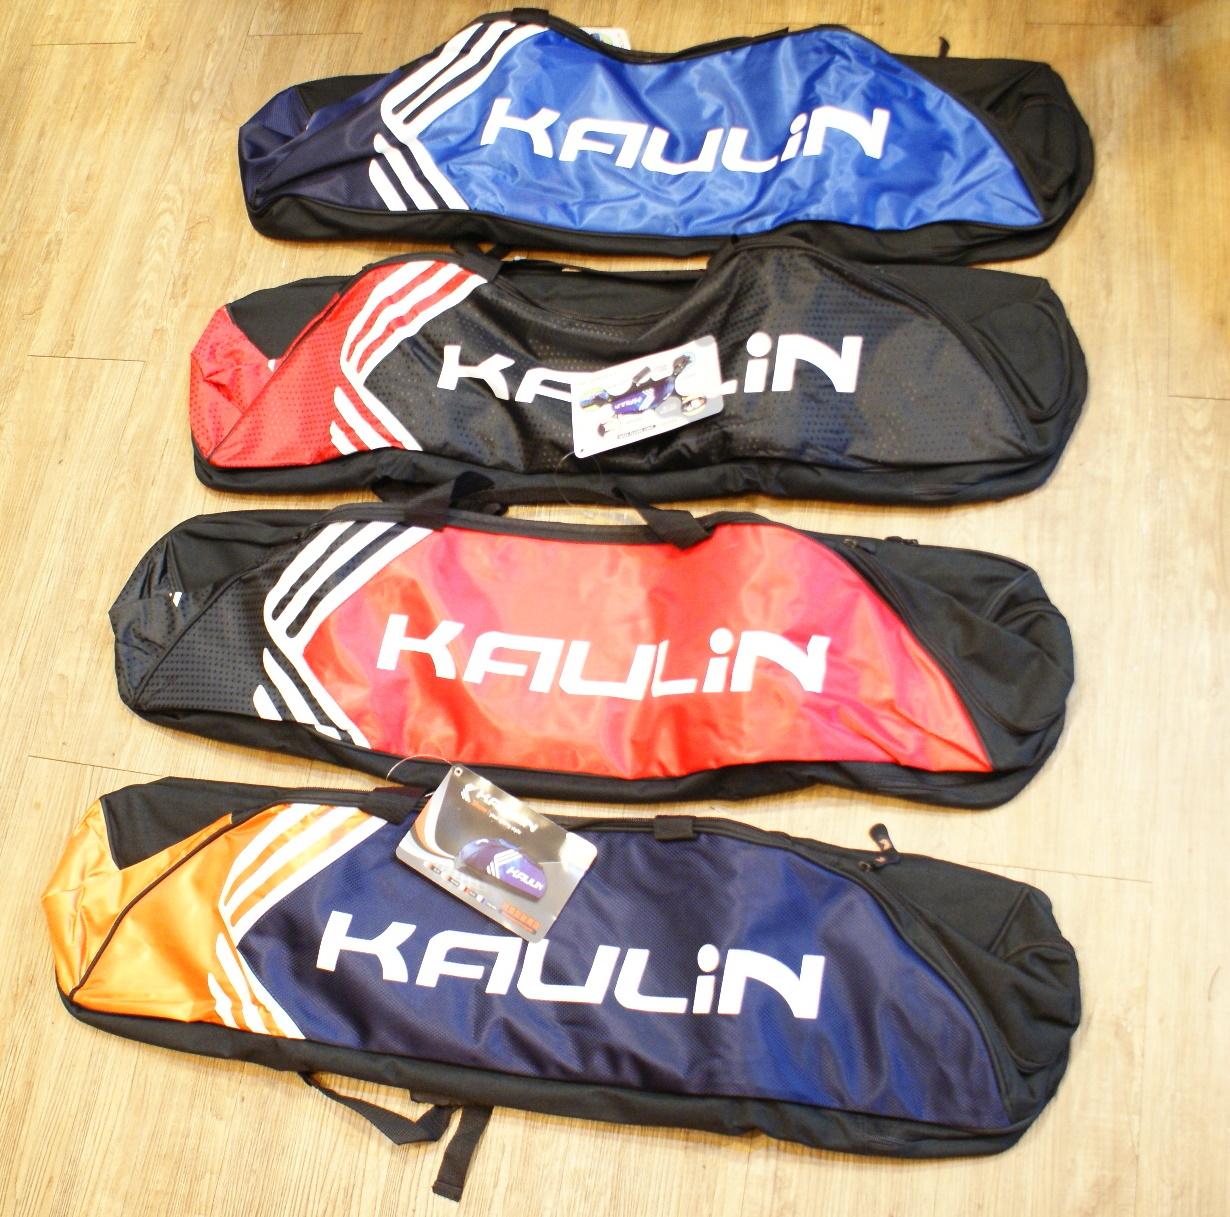 棒球世界全新 KAULIN輕攜型美式裝備袋 特價